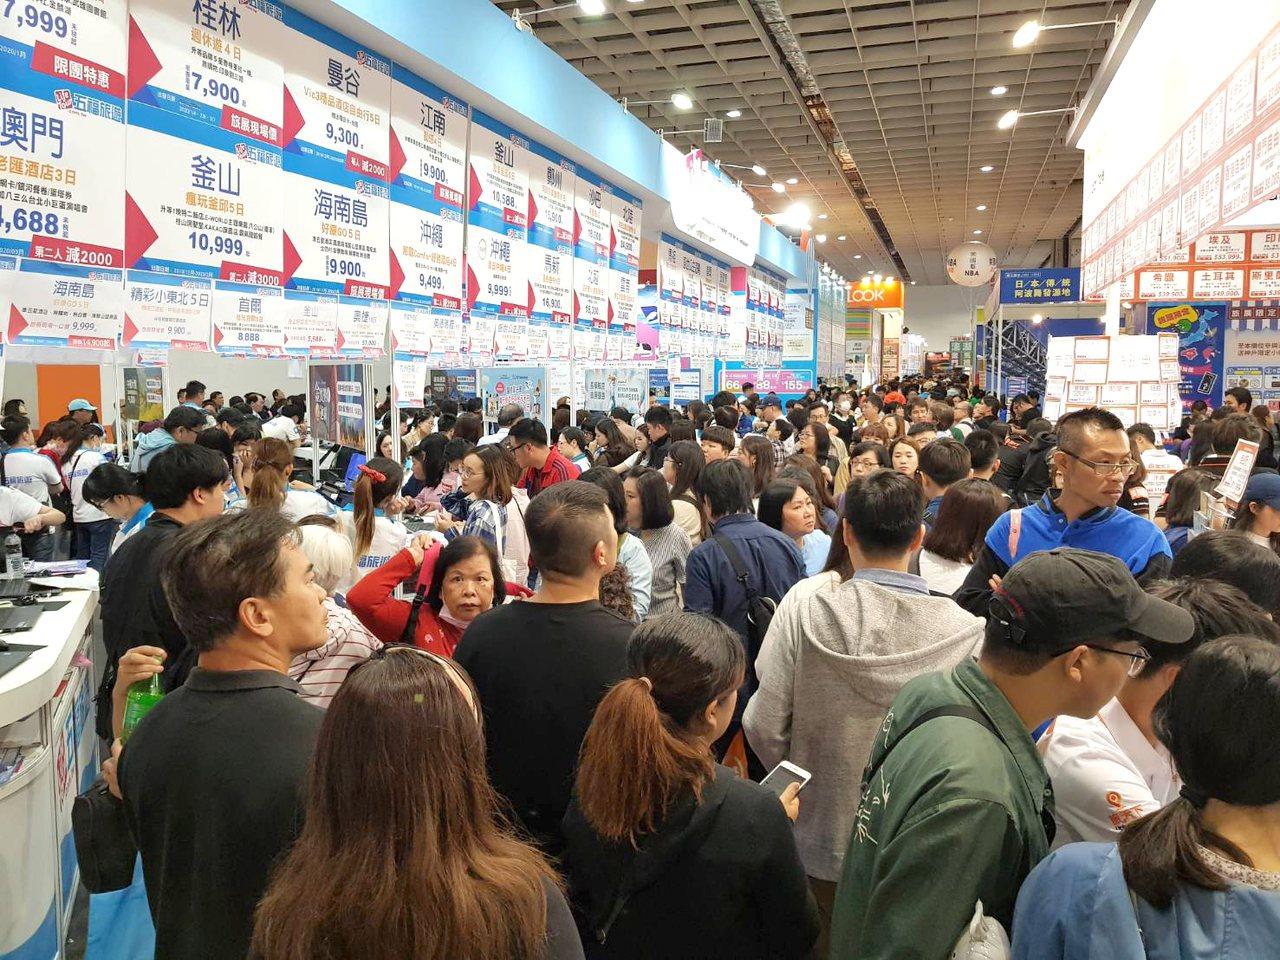 台北國際旅展迎來首個週末假日,湧現逛展人潮。記者陳睿中/攝影